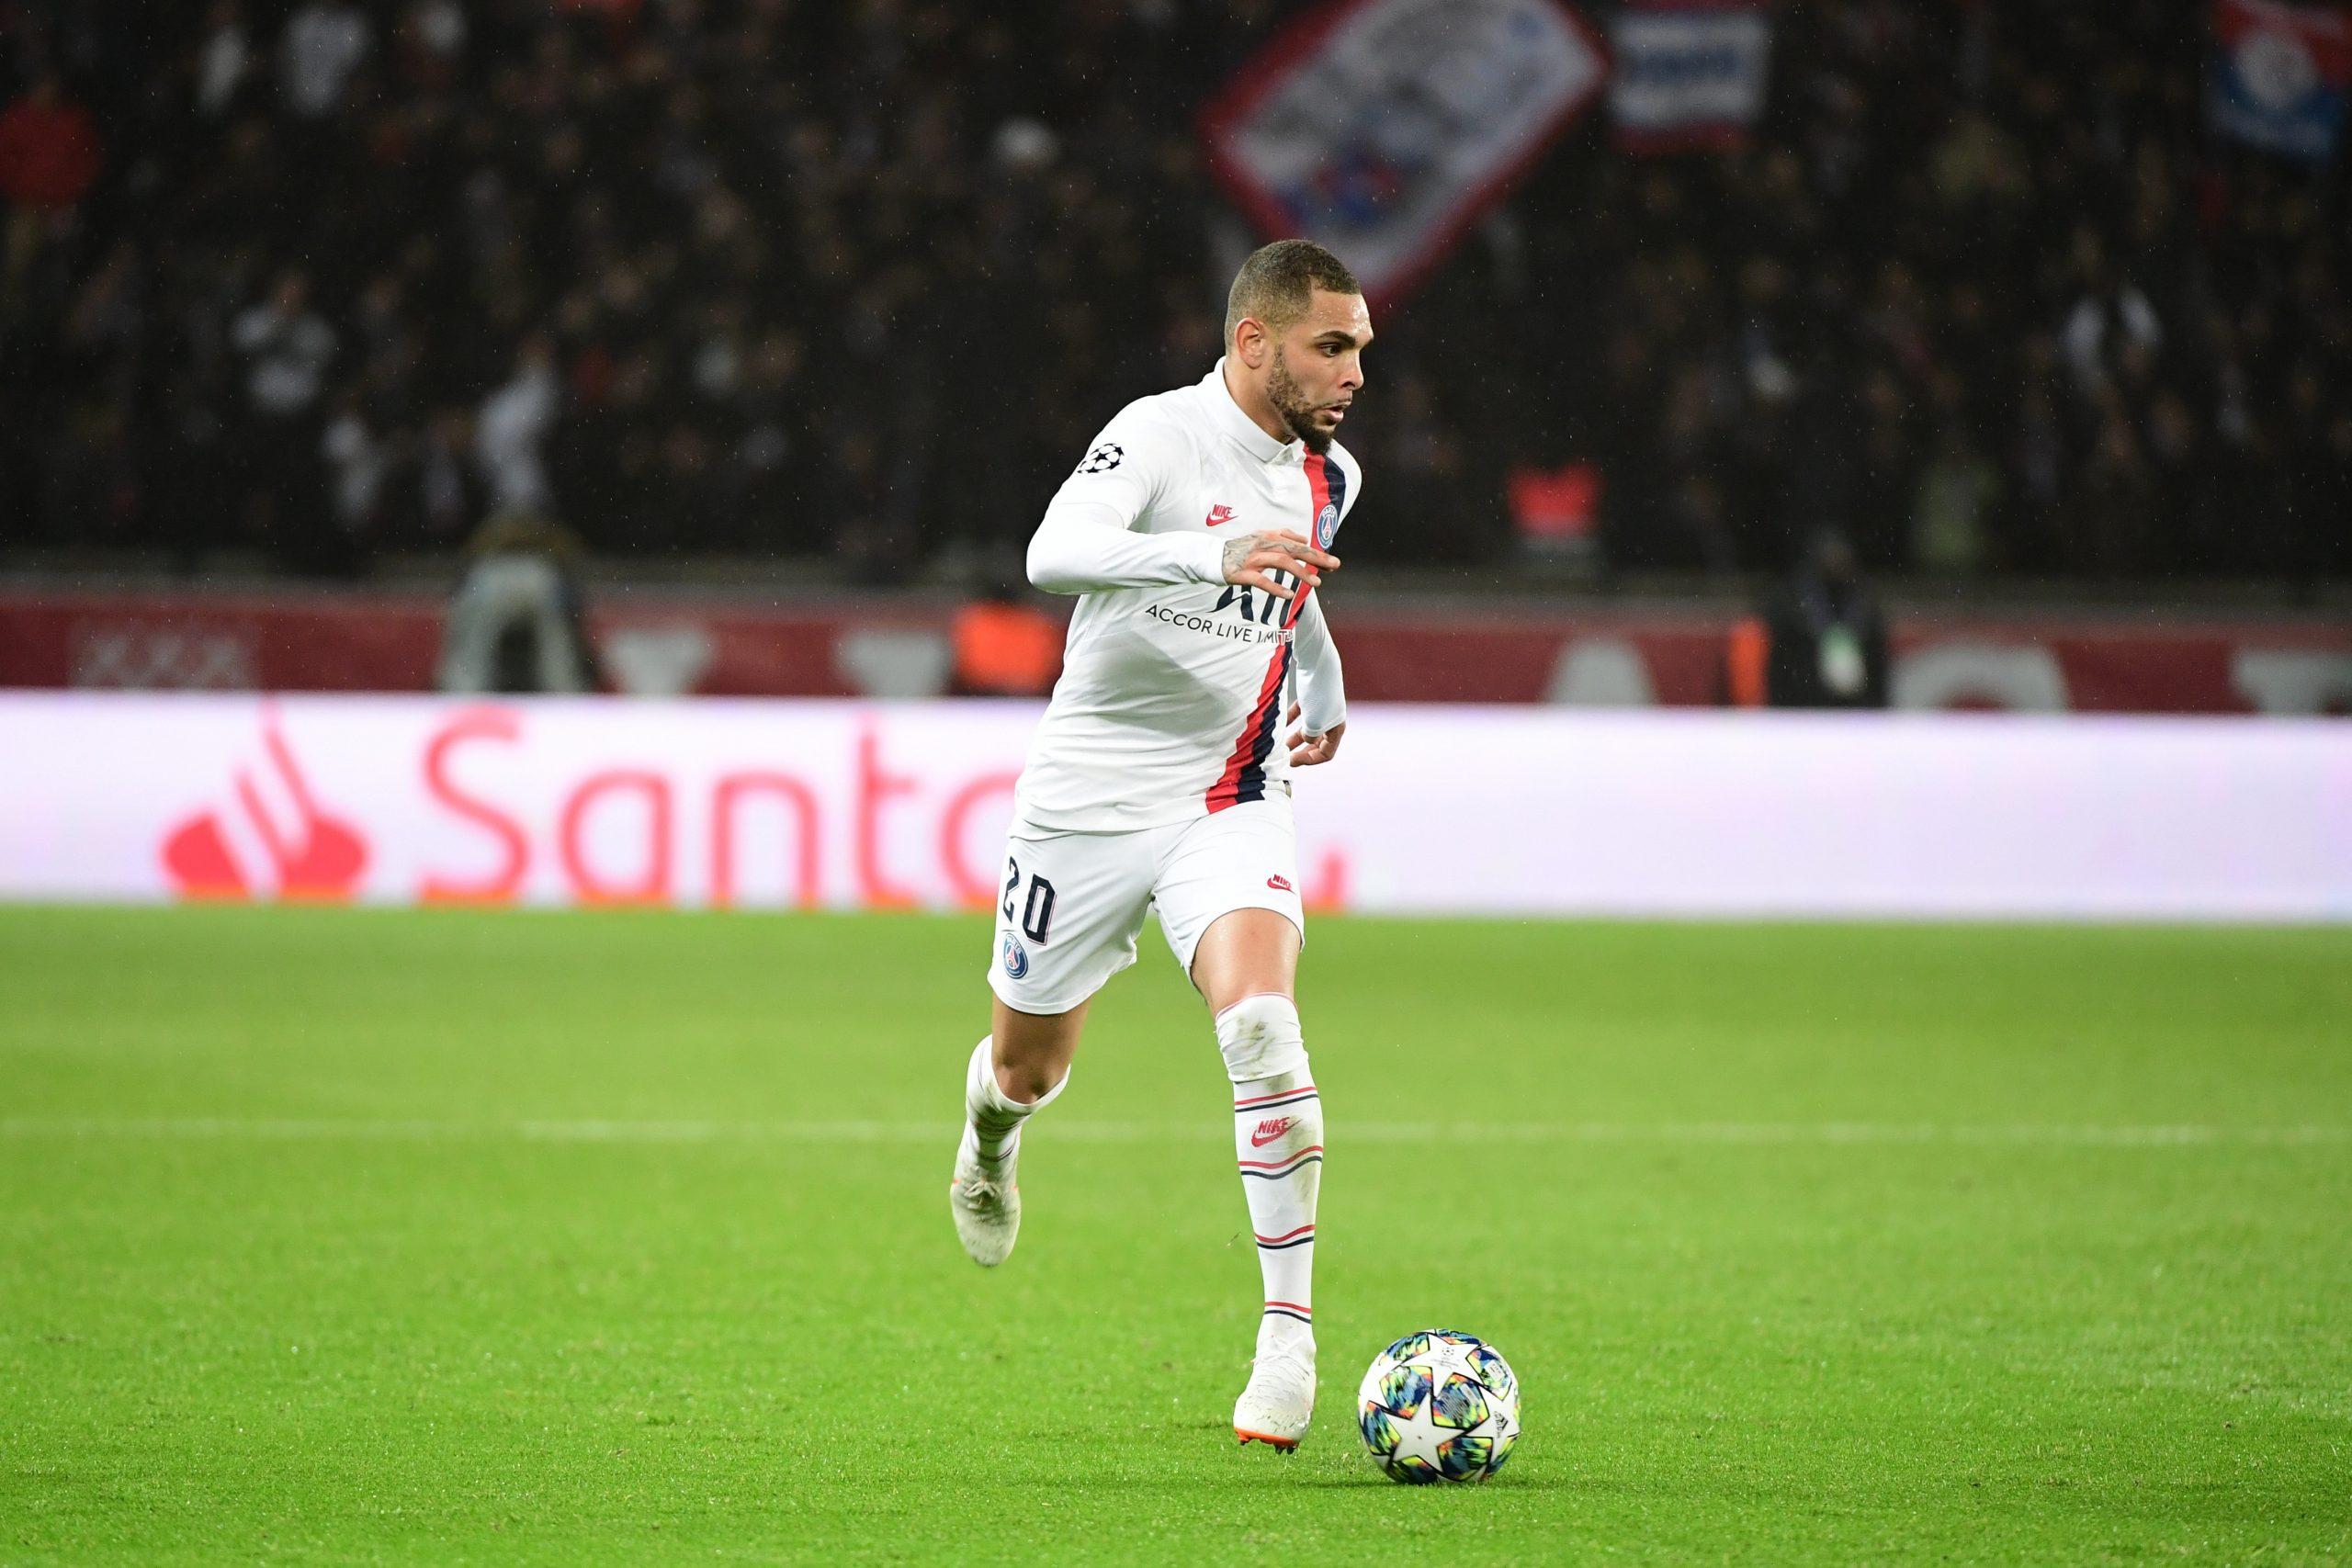 Mercato - Kurzawa va rejoindre Arsenal avec un contrat de 5 ans cet été, annonce France Football